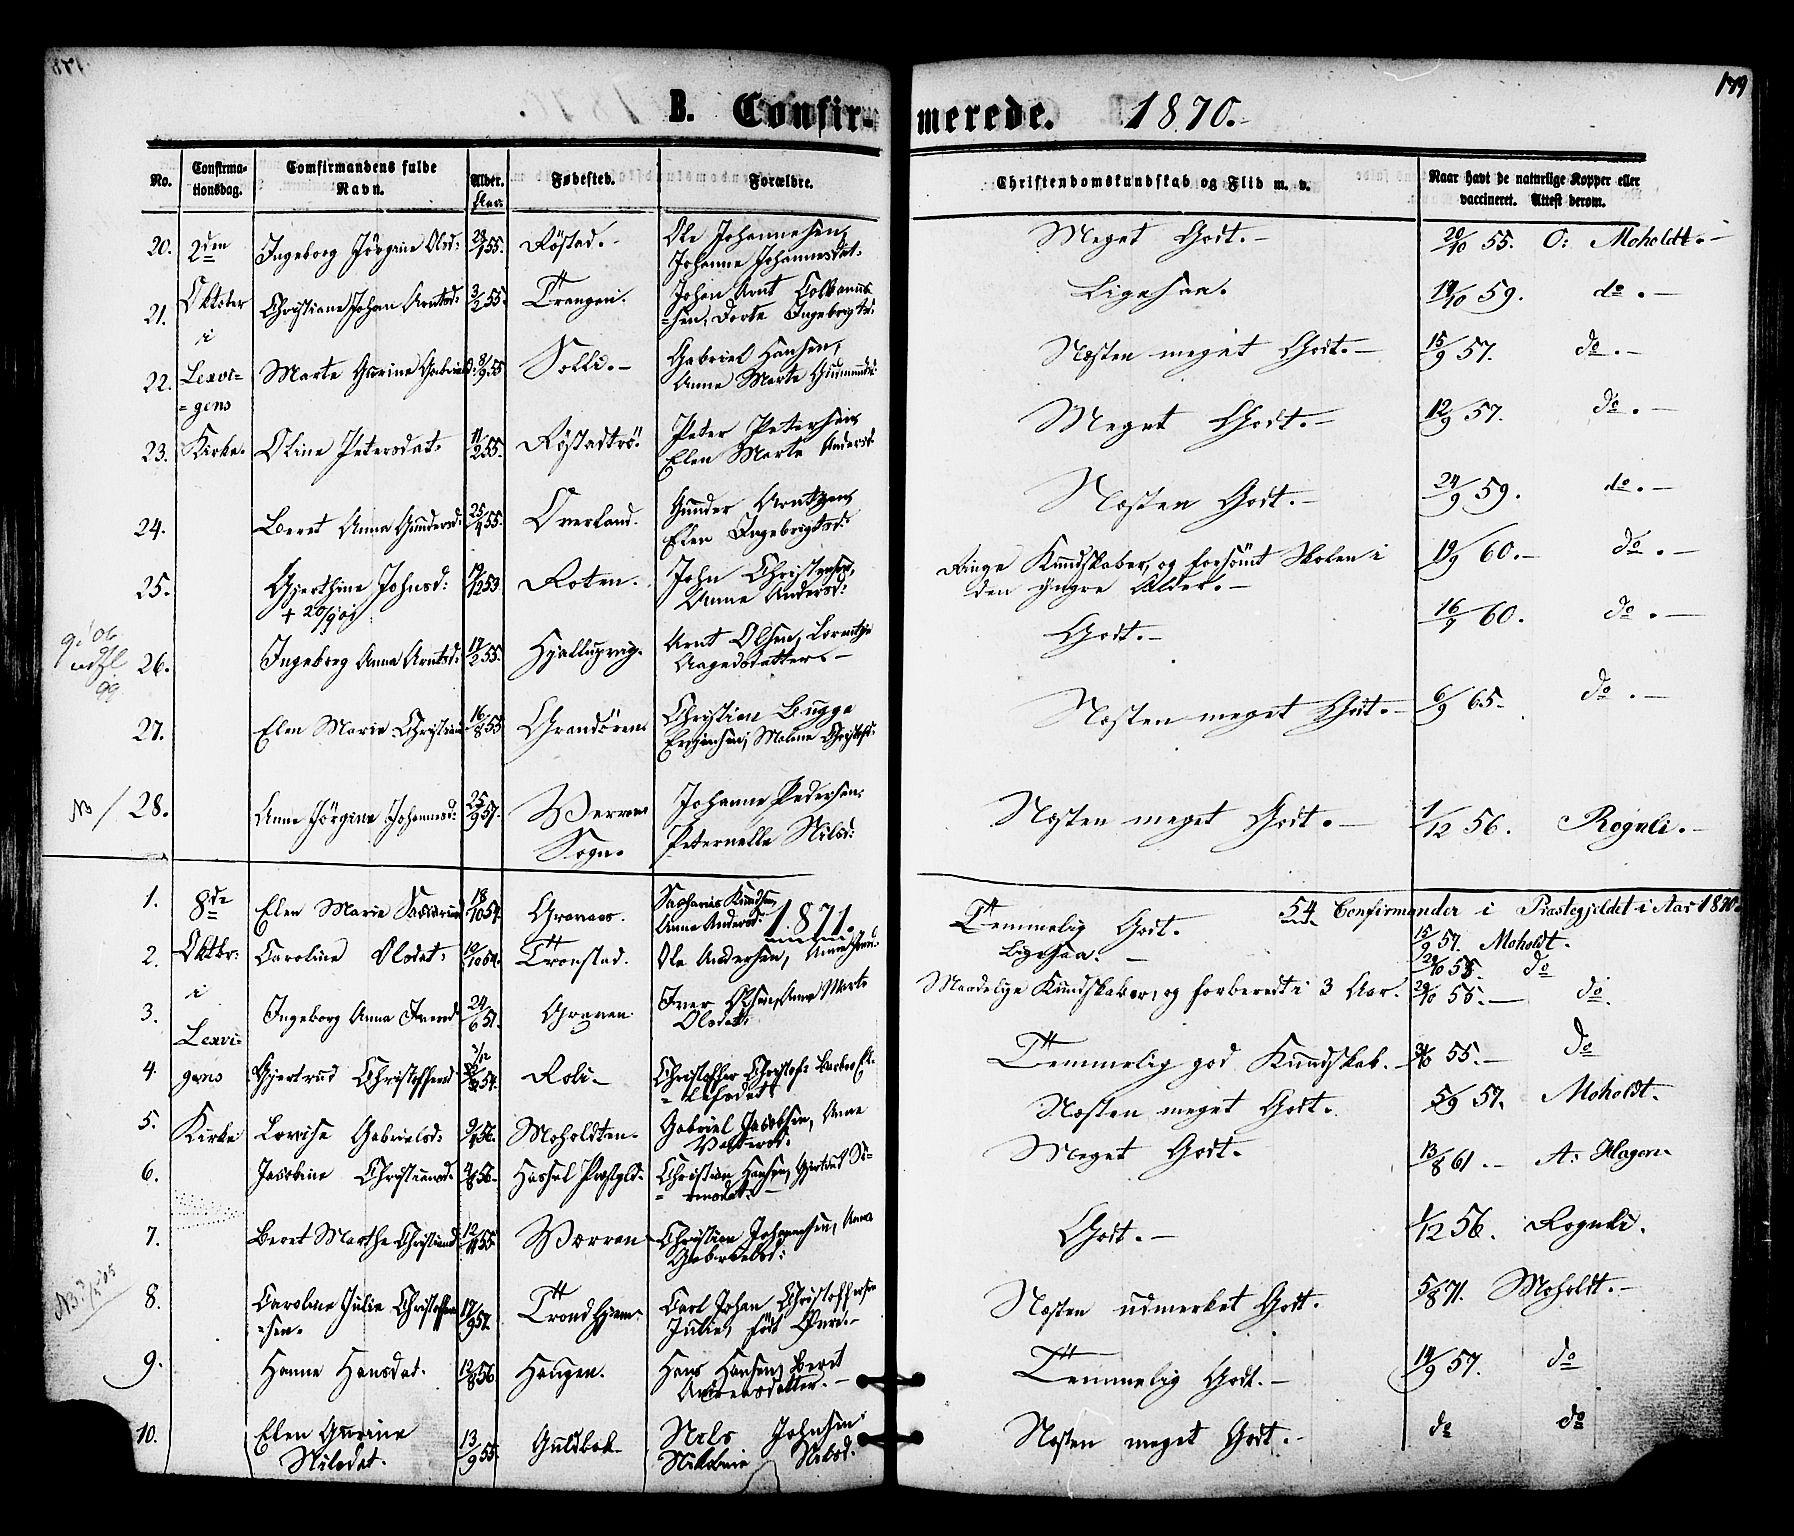 SAT, Ministerialprotokoller, klokkerbøker og fødselsregistre - Nord-Trøndelag, 701/L0009: Ministerialbok nr. 701A09 /1, 1864-1882, s. 179